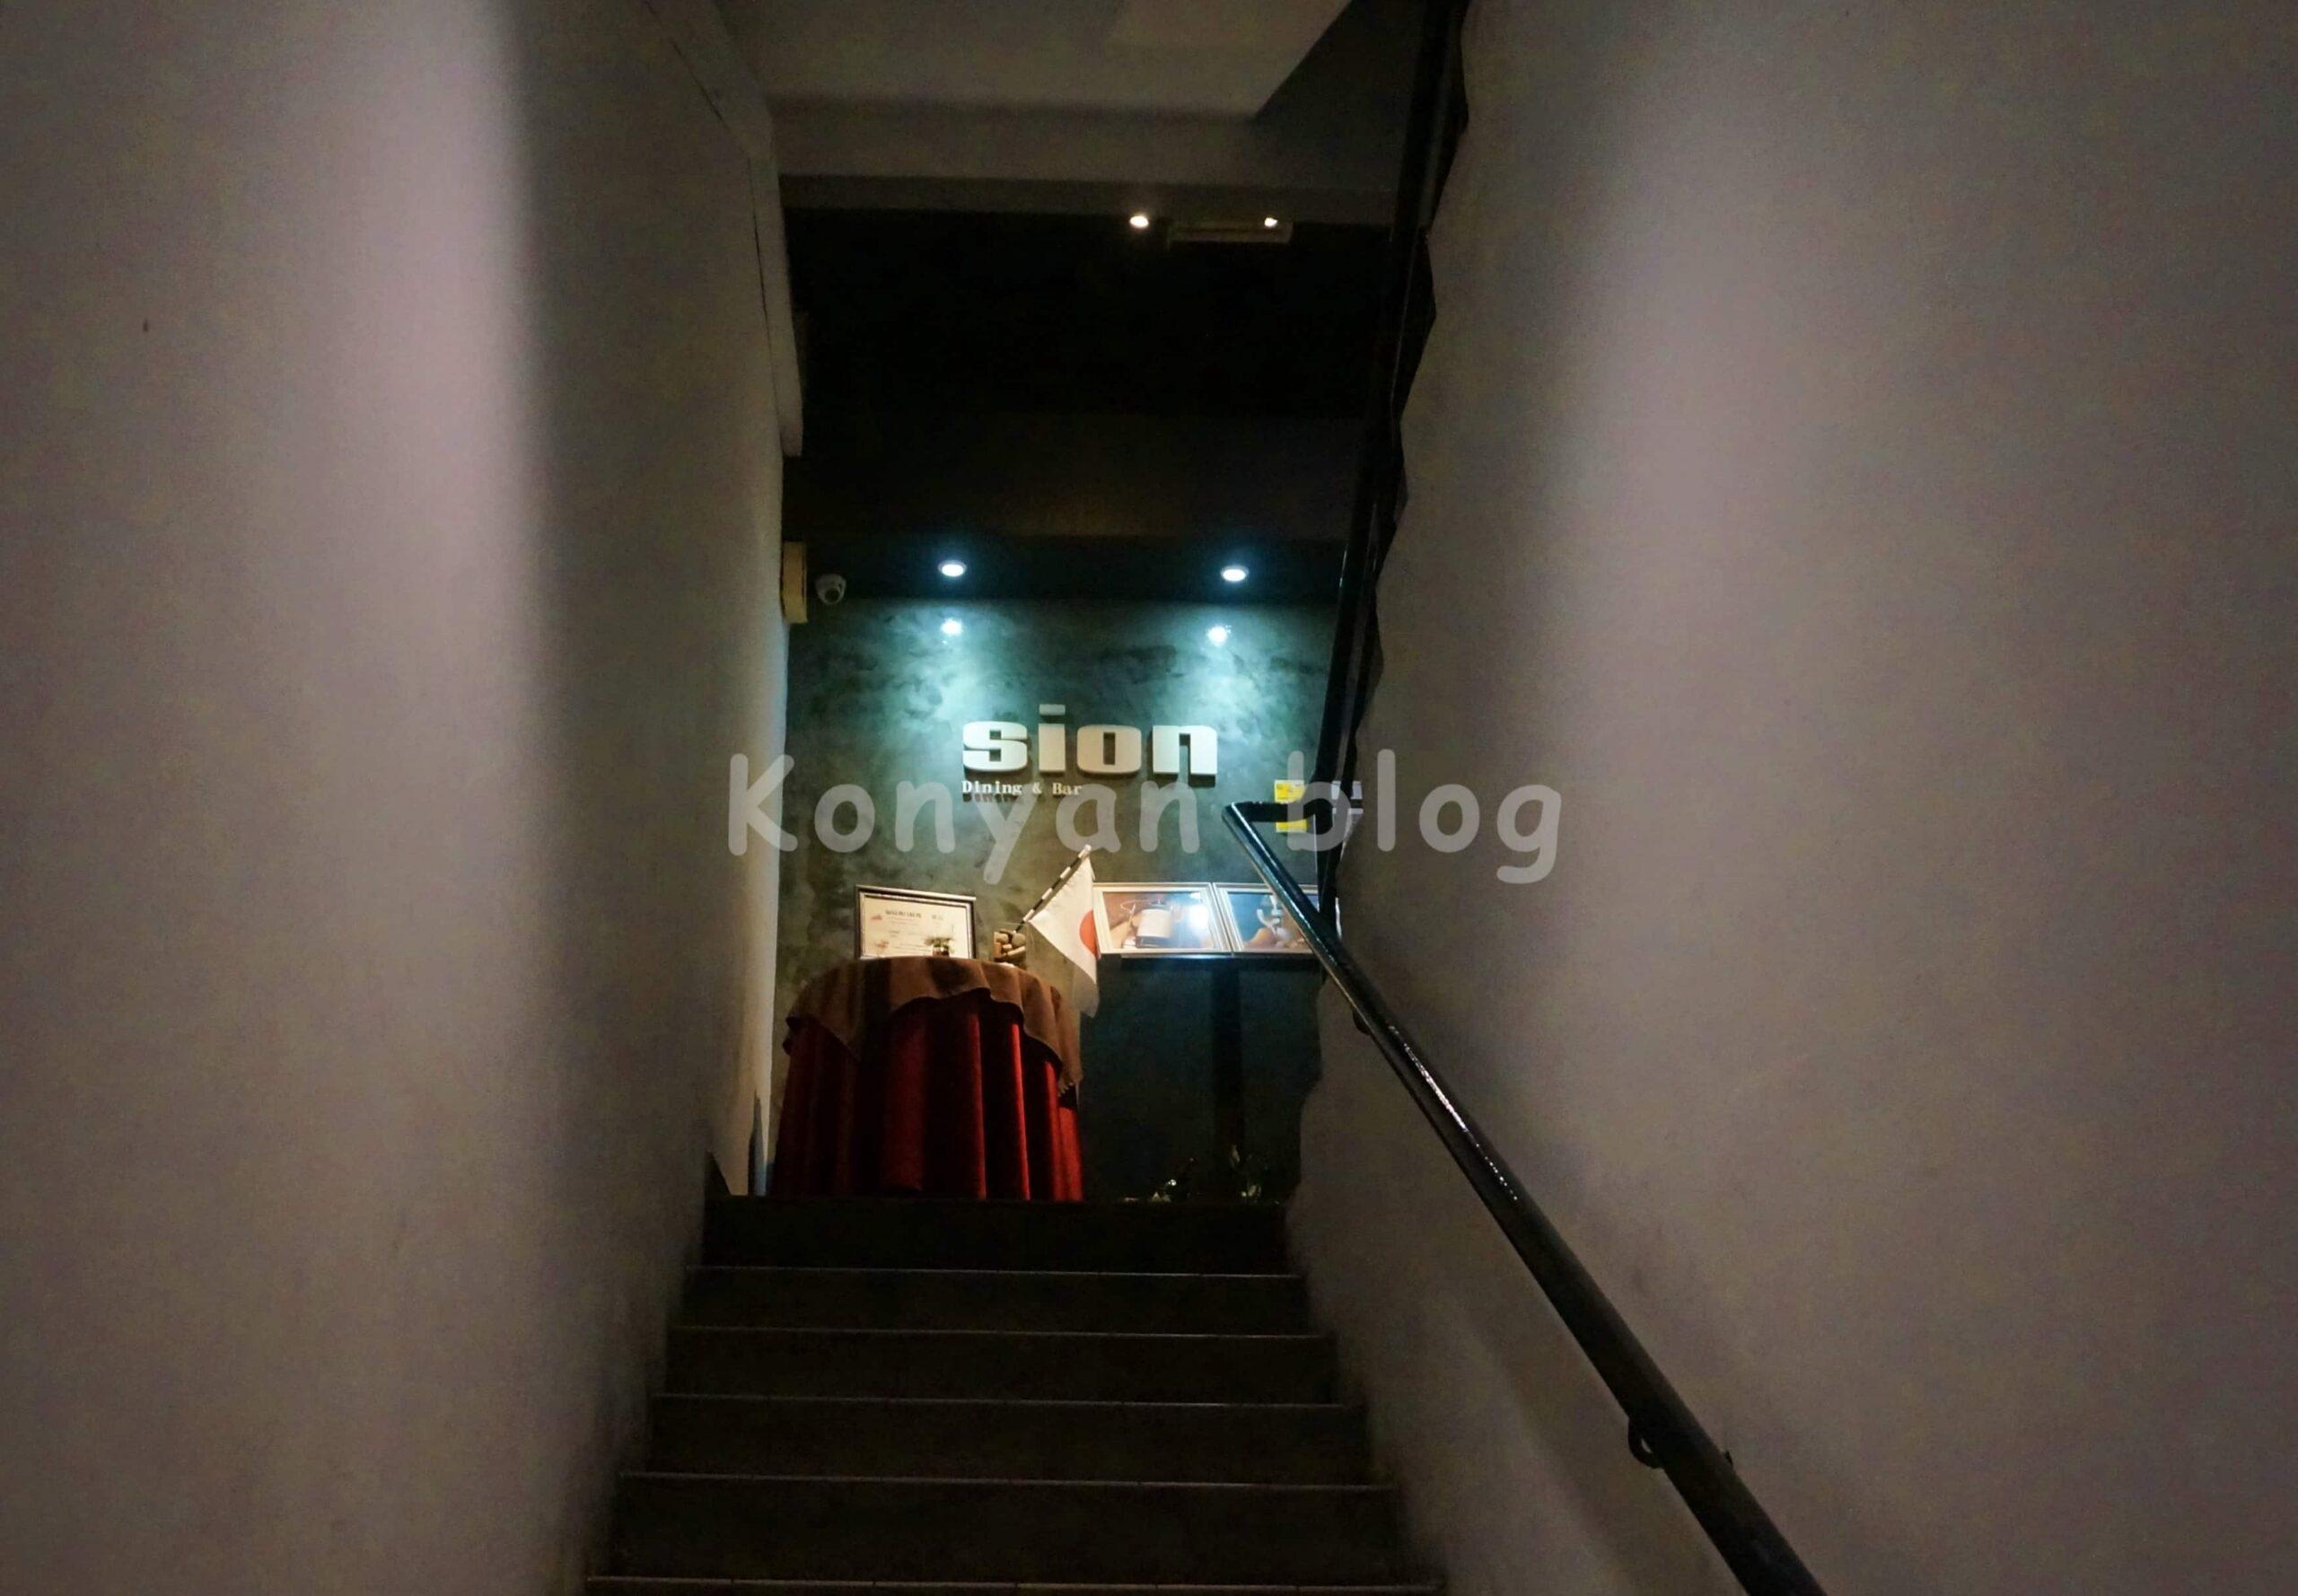 葡萄酒百味所 紫音 SION マレーシア 階段